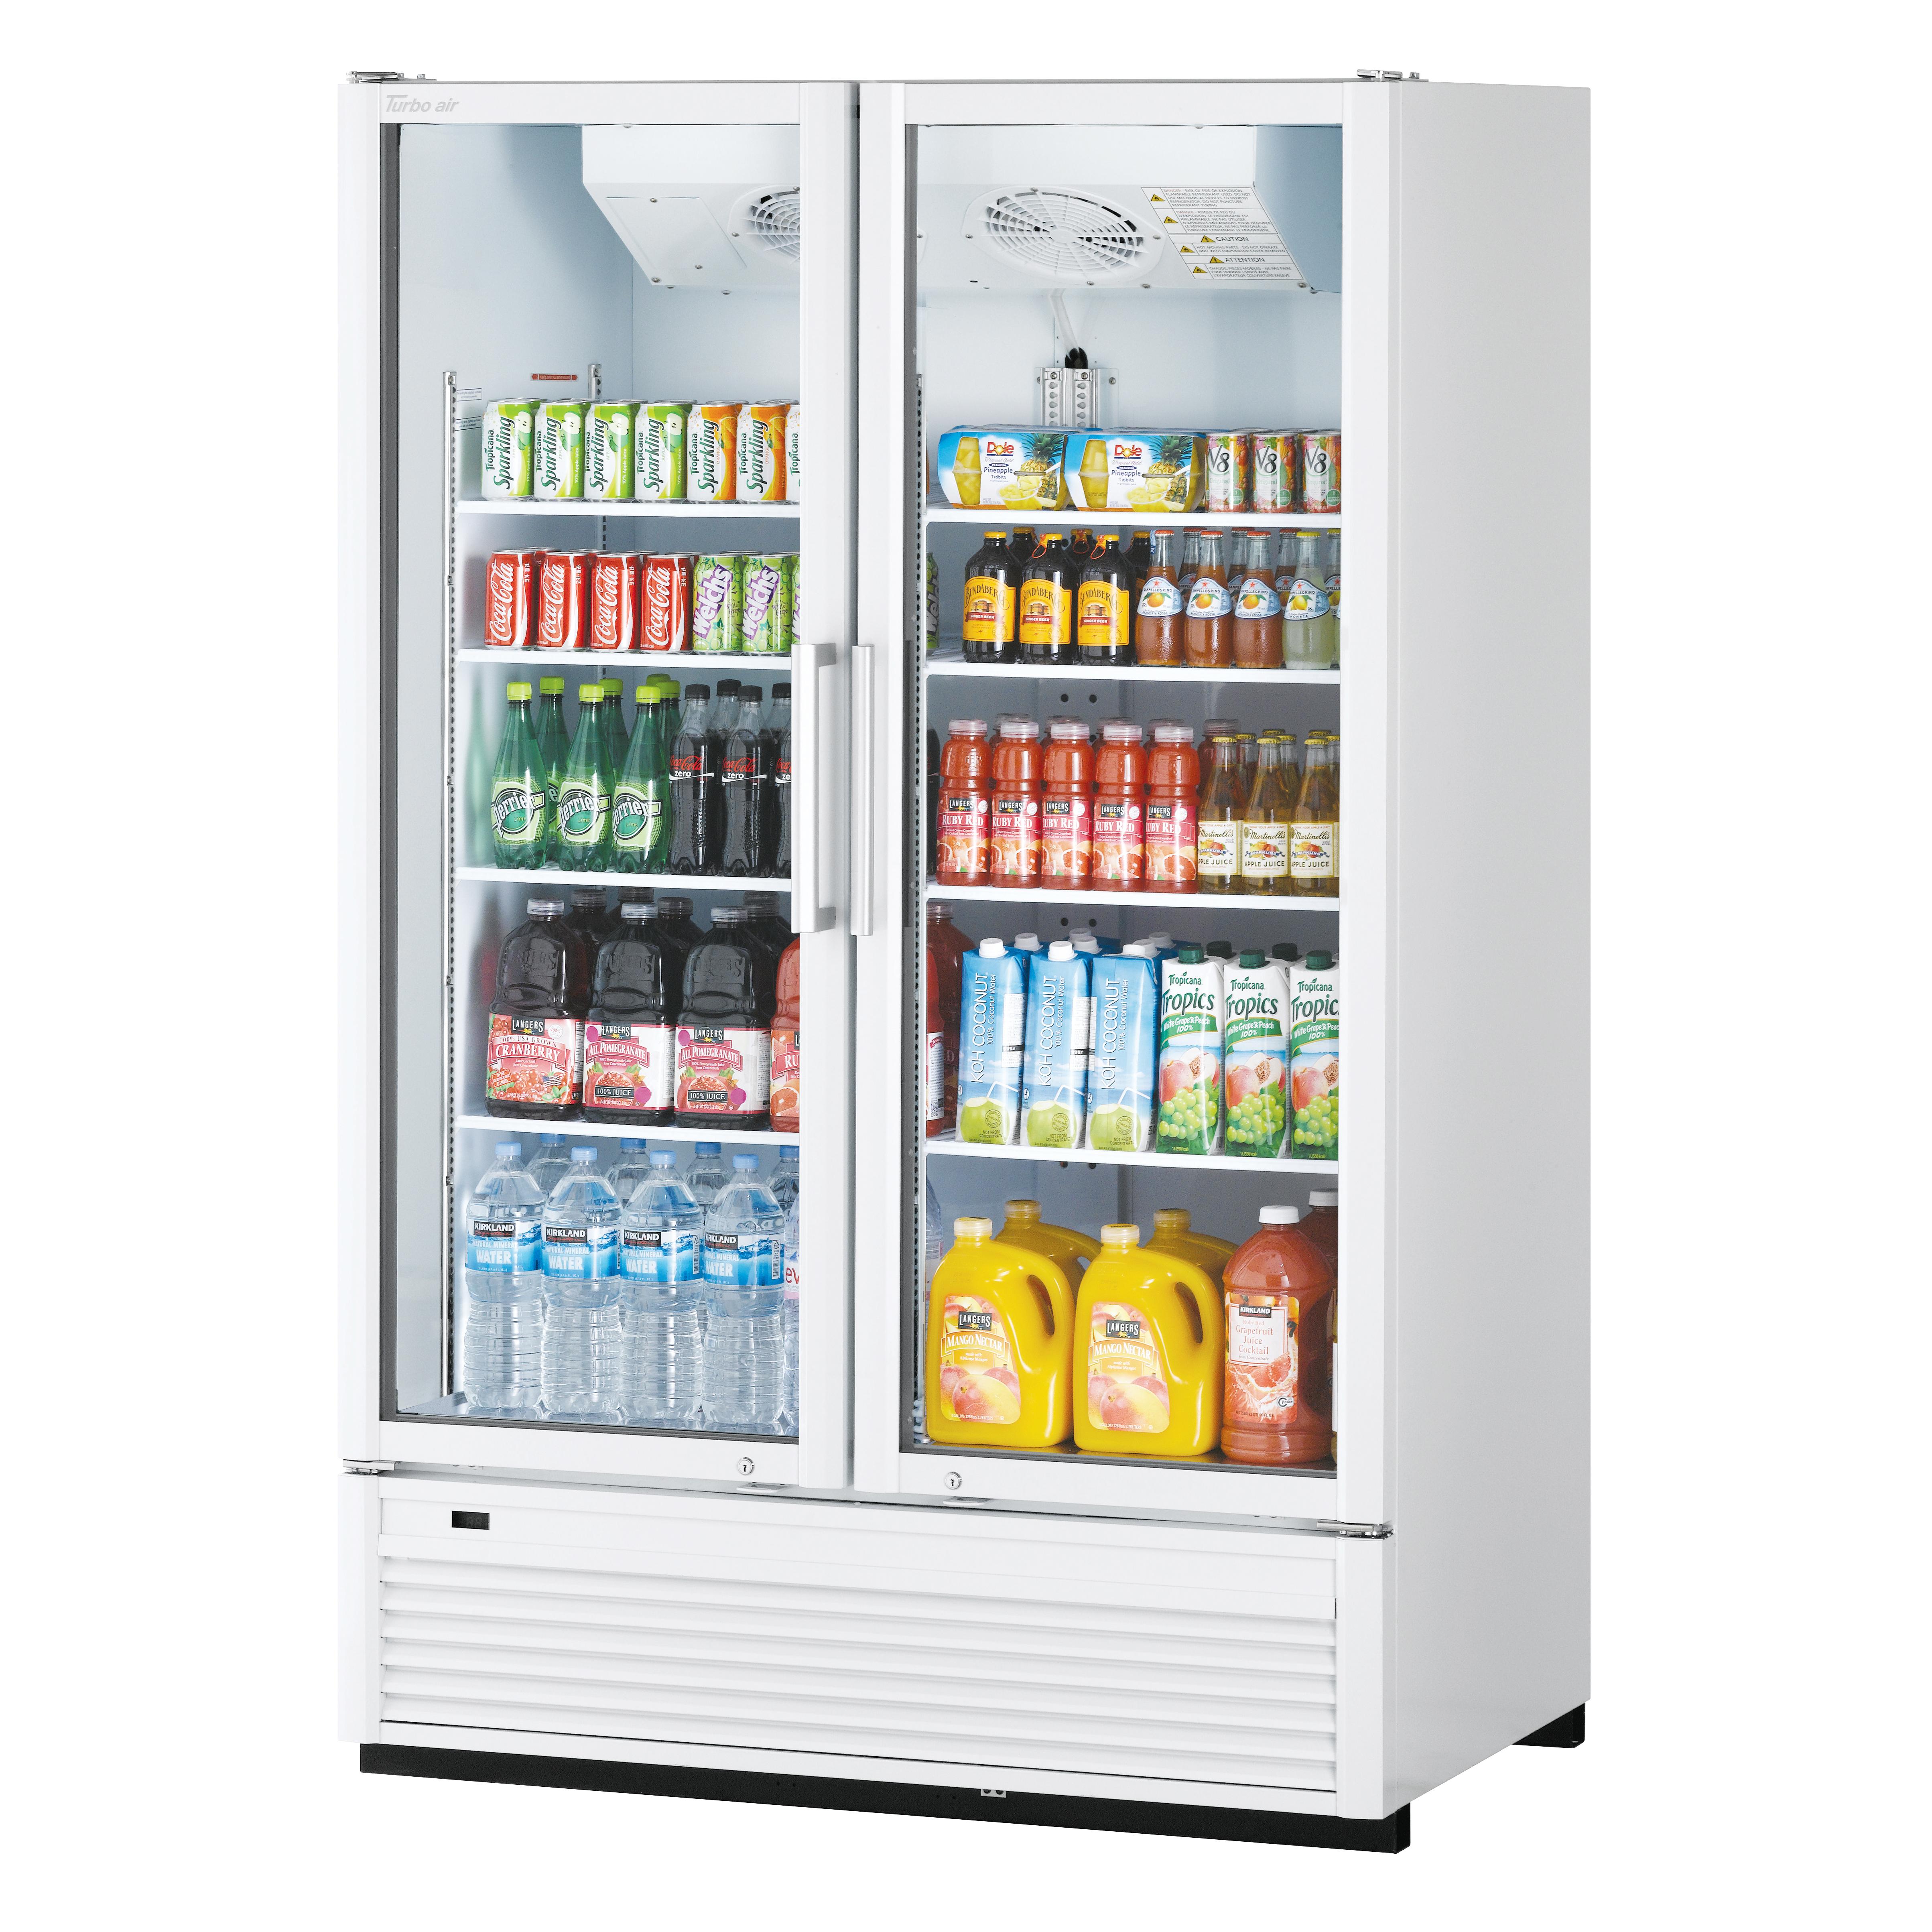 Turbo Air TGM-47SDH-N refrigerator, merchandiser